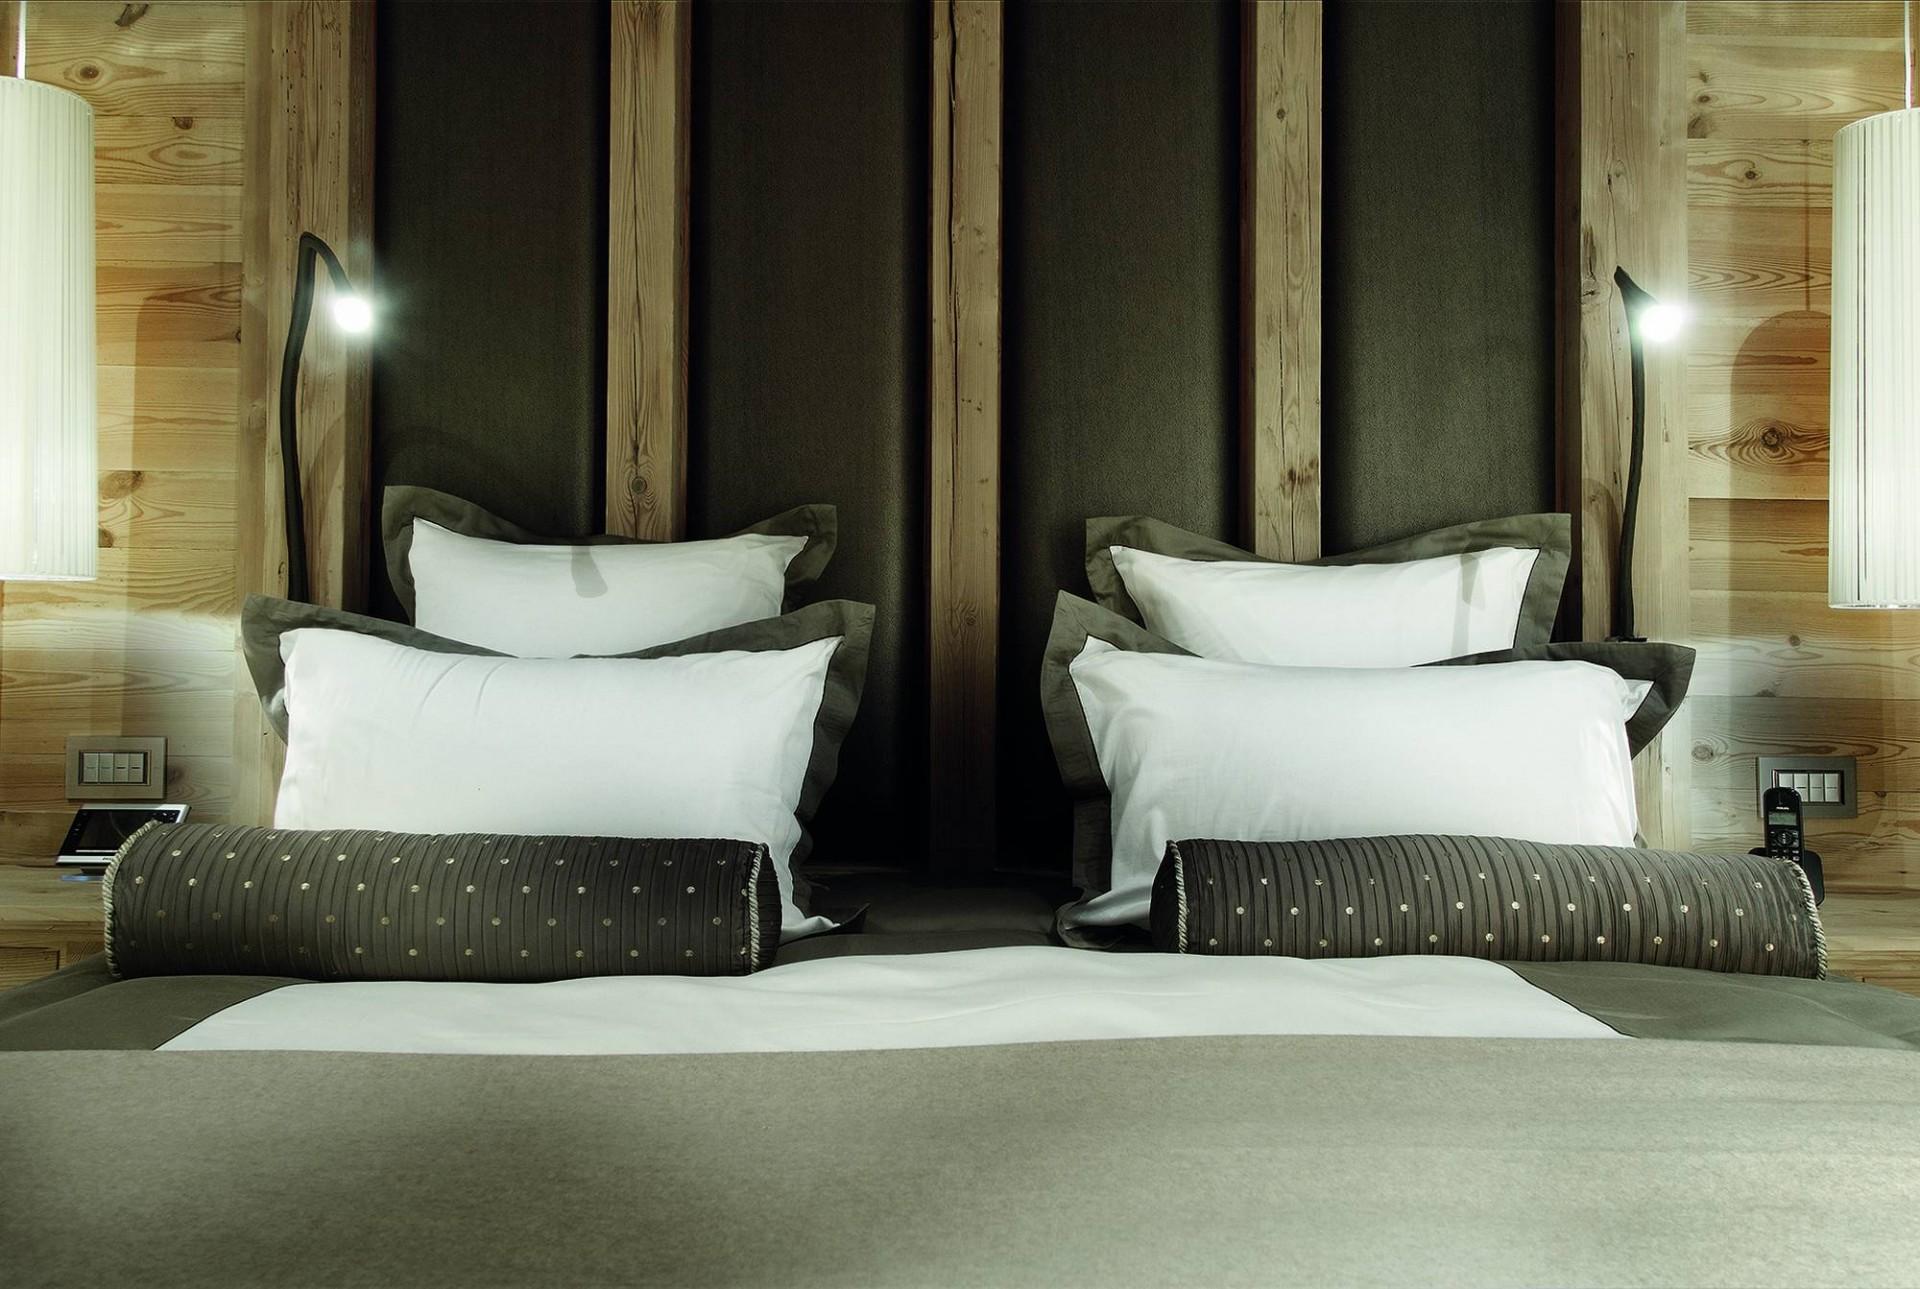 Courchevel 1850 Luxury Rental Chalet Bepalite Bedroom 4